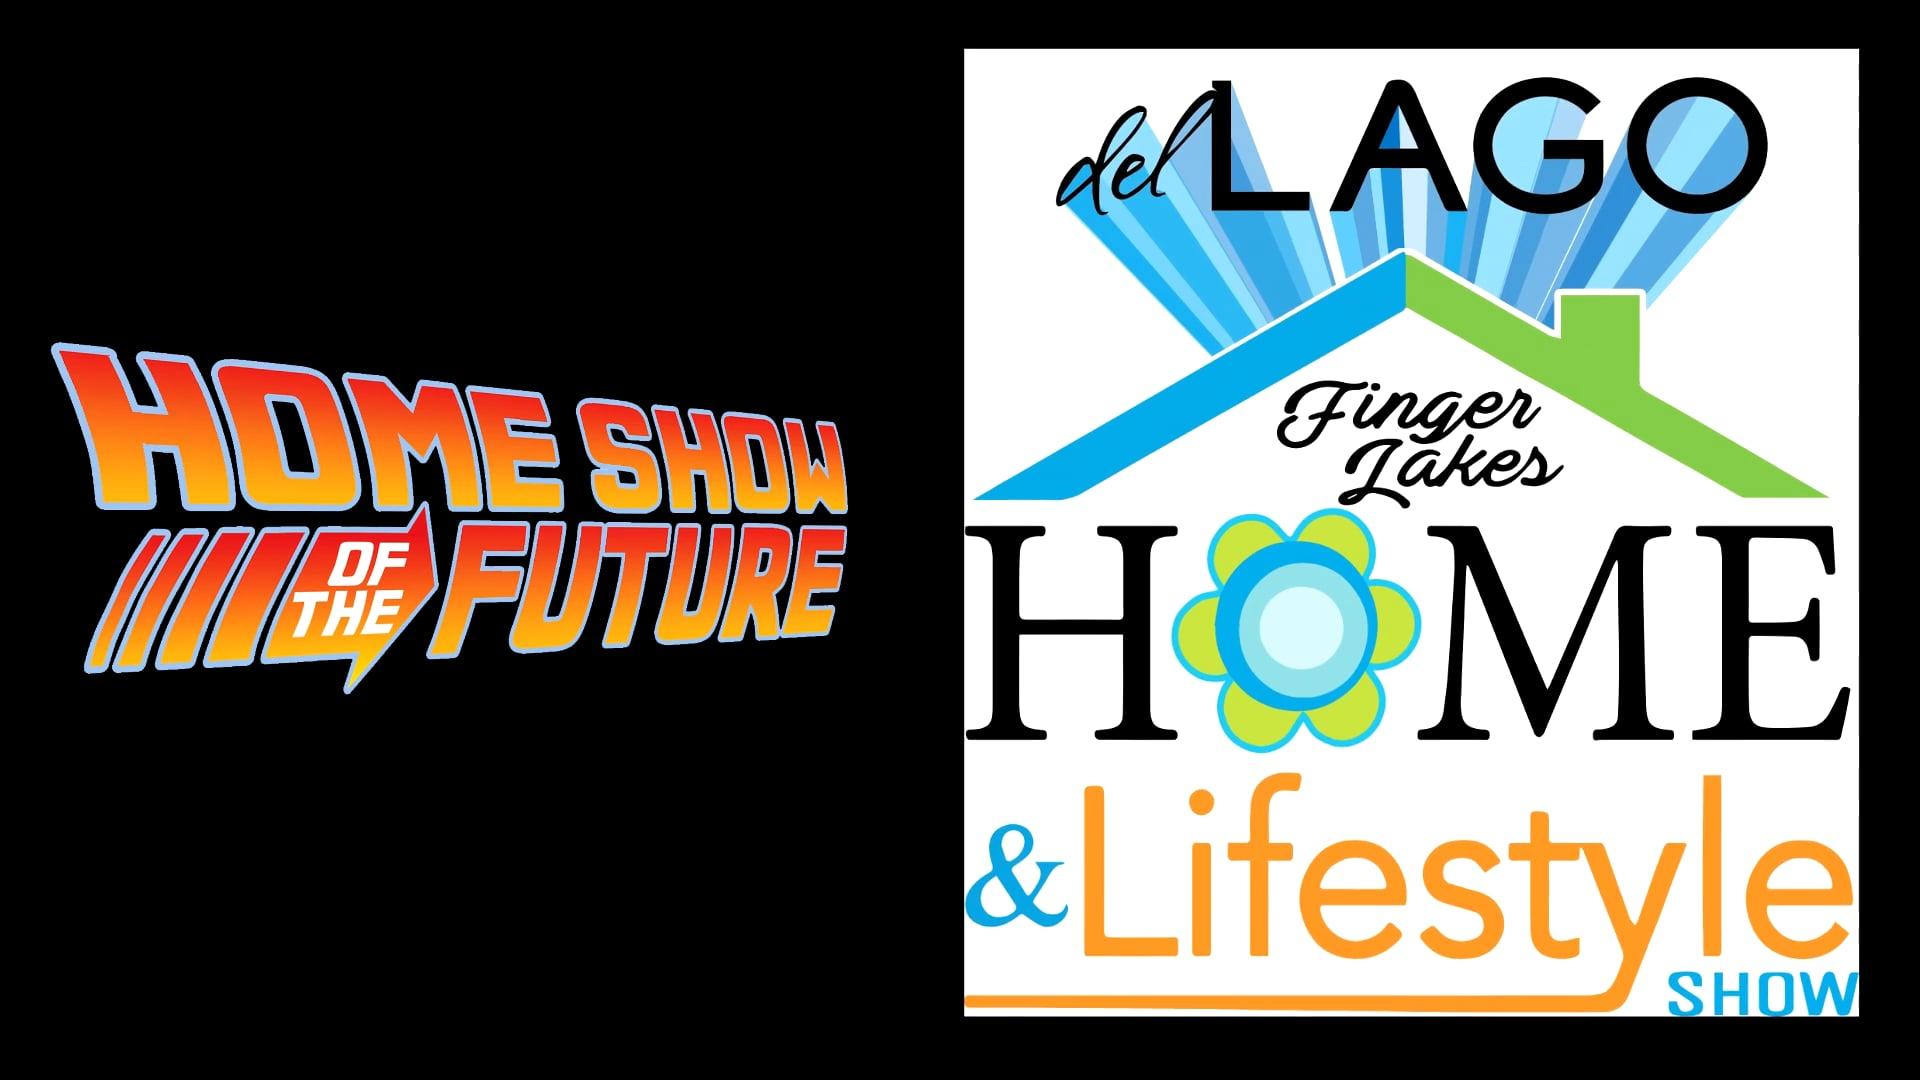 Del Lago Home Show Promo